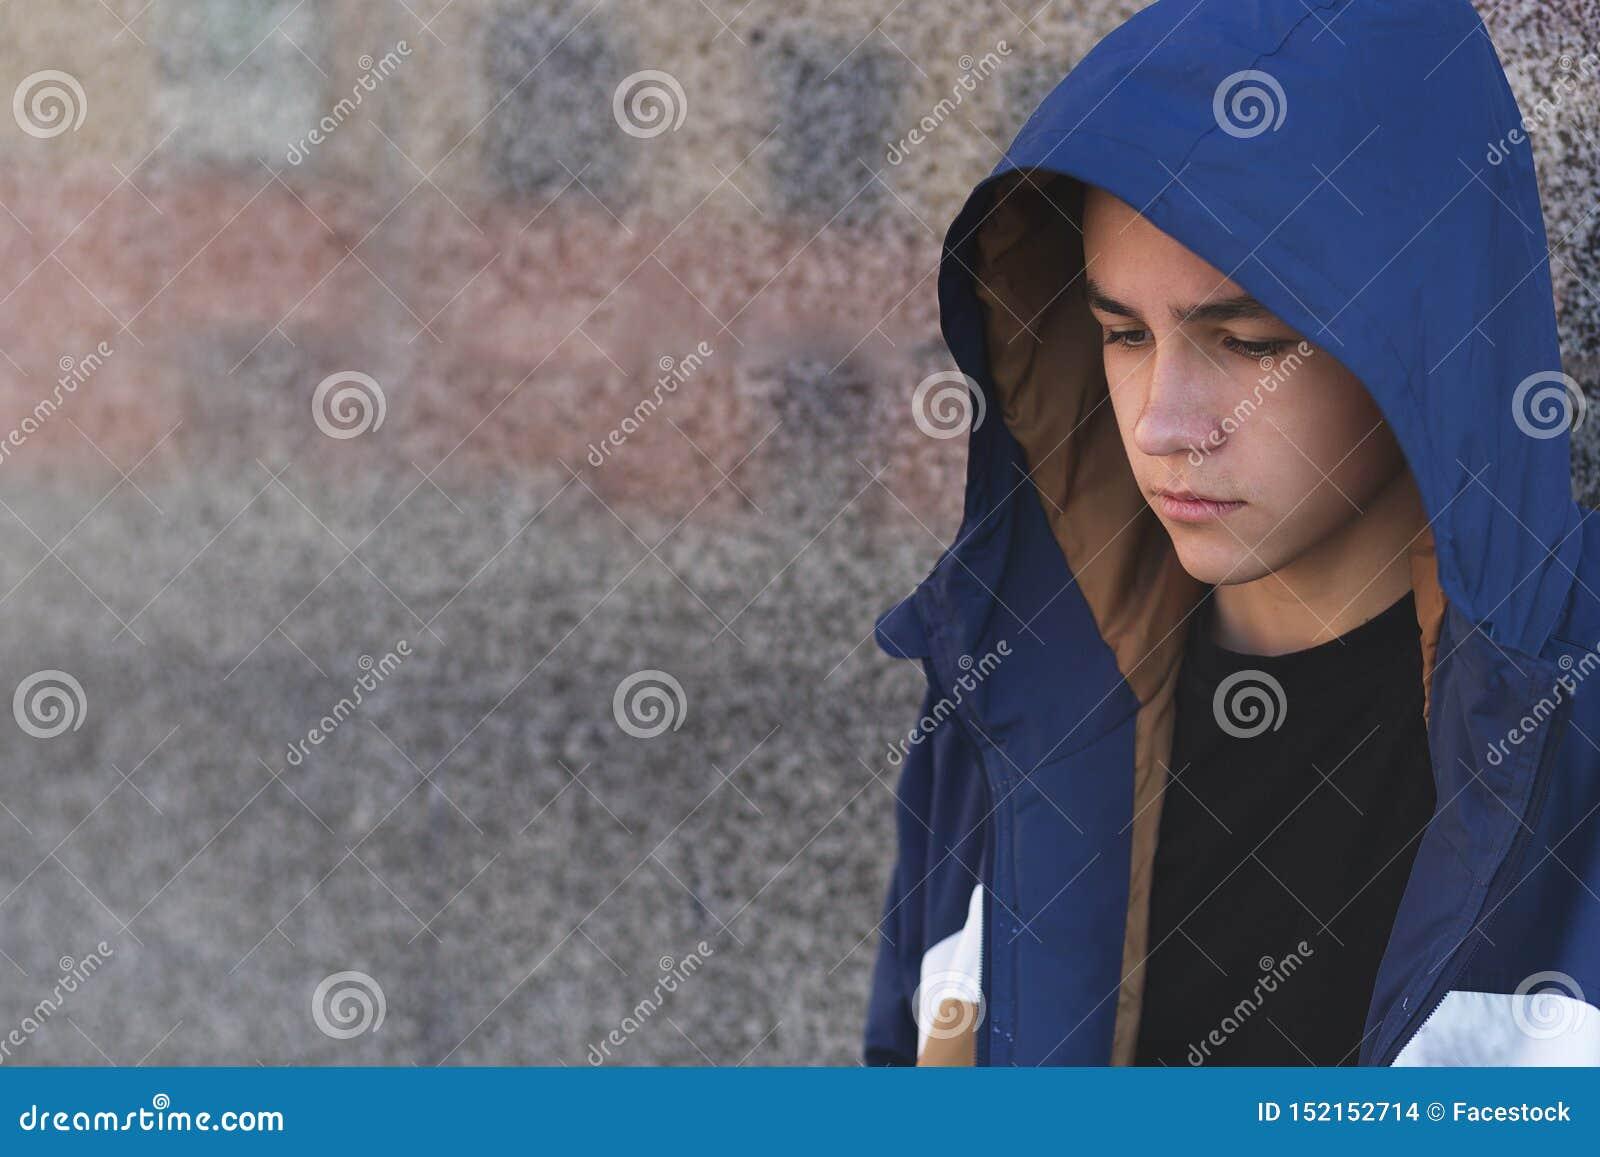 Portret przygnębiony smutny nastoletni chłopak na ciemnym tle, nastoletni problemowy pojęcie